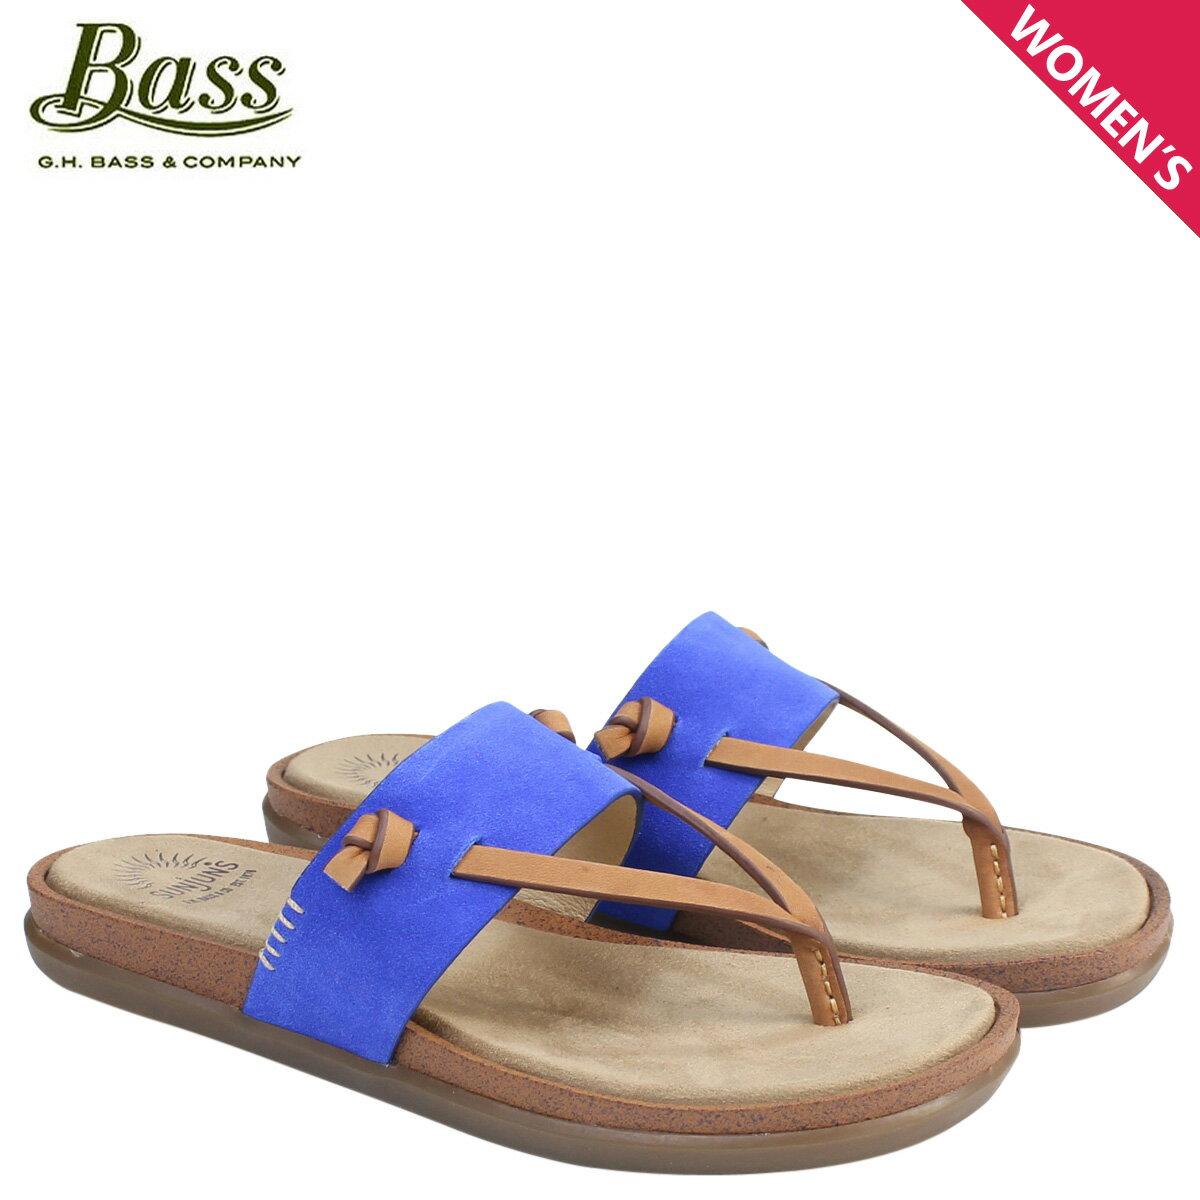 ジーエイチバス サンダル レディース G.H. BASS トング SHANNON THONG SUNJUNS 71-23016 靴 ブルー [177]